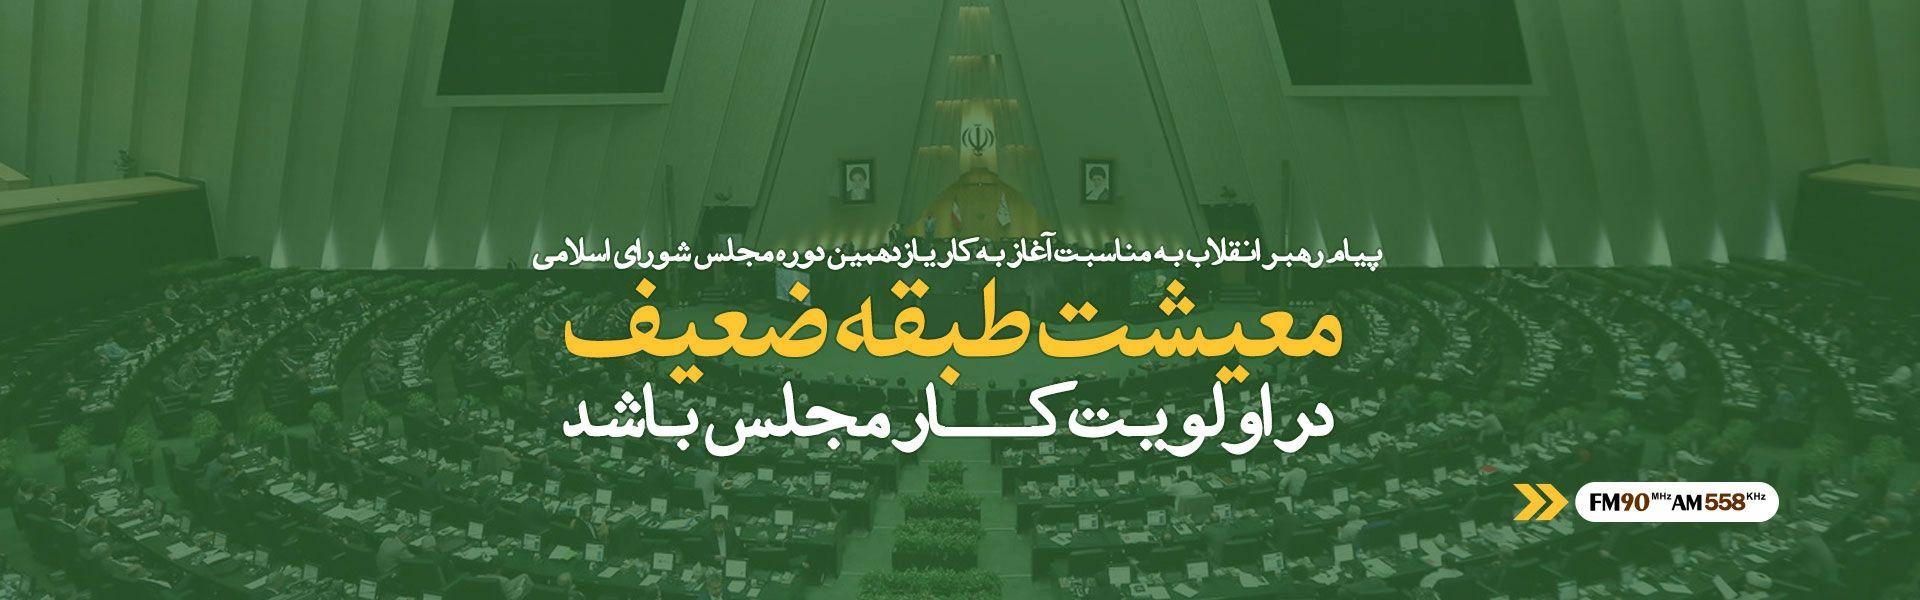 پیام رهبر معظم انقلاب به مناسبت آغاز مجلس یازدهم